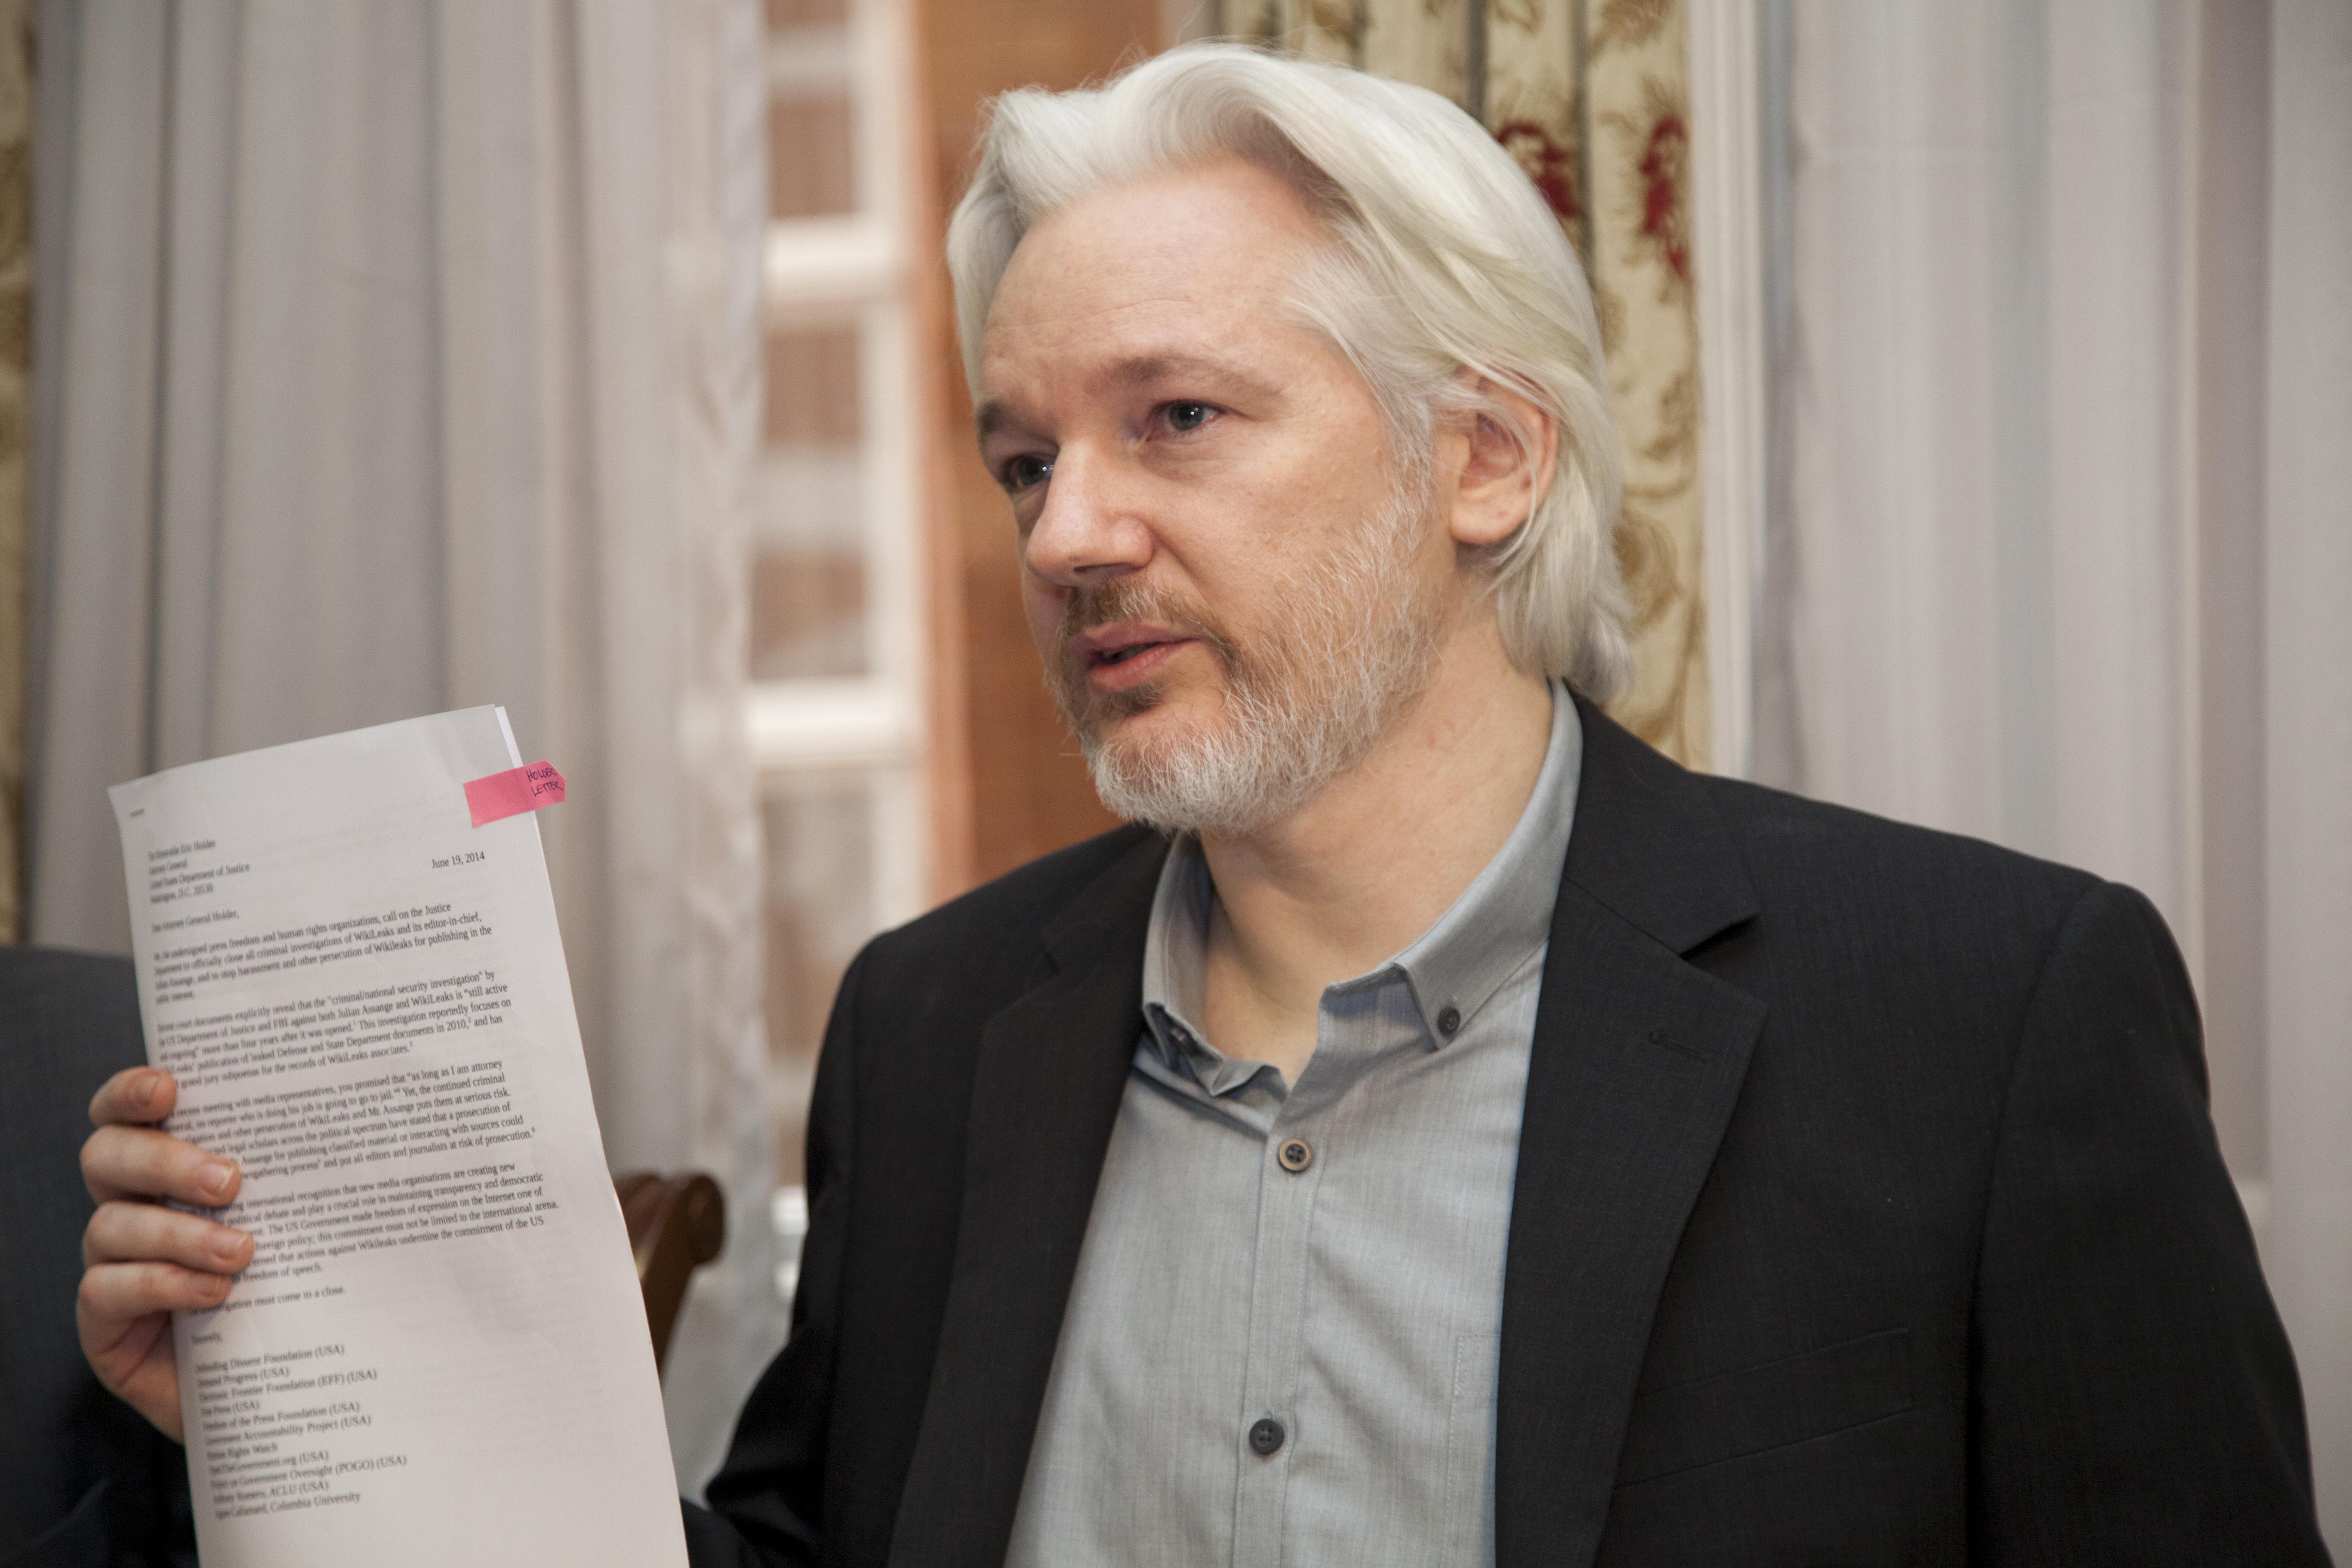 Solicita fiscalía de noruega la detención de Julian Assange por crímenes sexuales